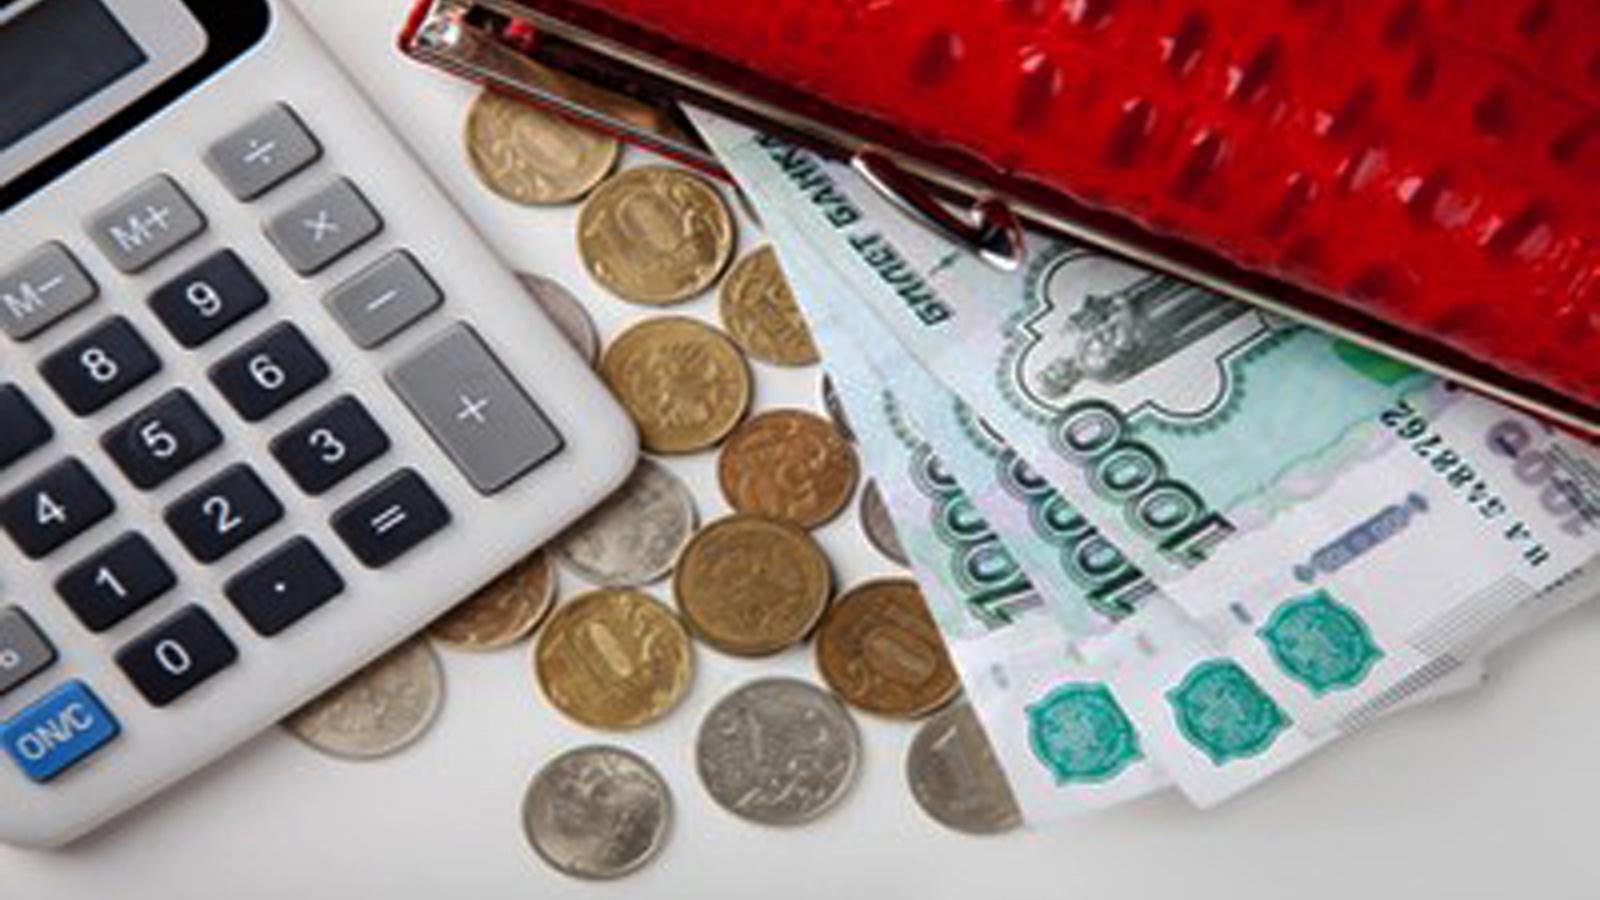 Пособие по безработице в году как получить минимальный и  Соответствующее положение о назначении пособия по безработице условиях предоставления материальной помощи и порядке